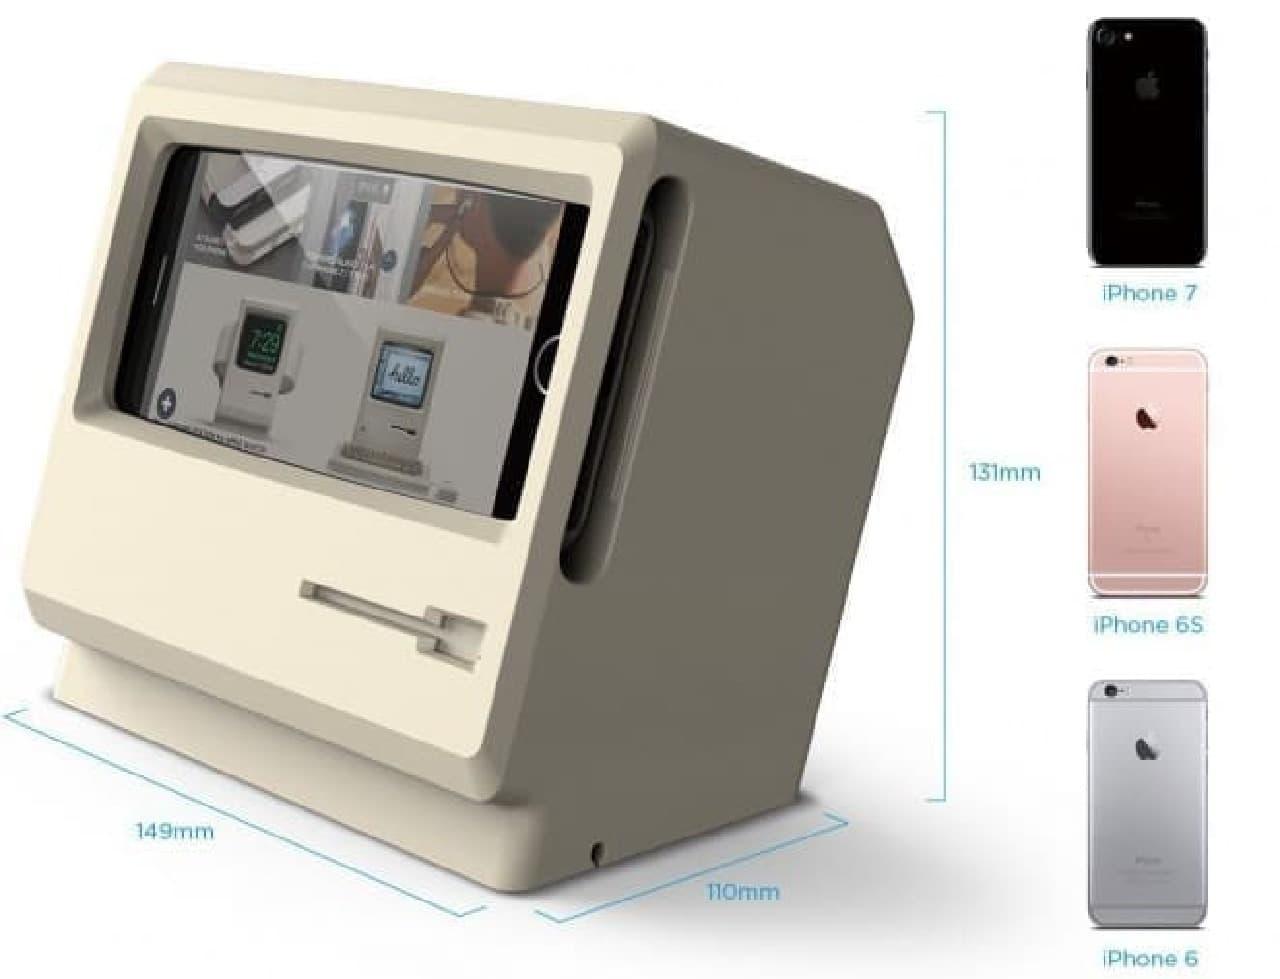 iPhoneが初代Macintosh風になるスタンド、elagoの「M4 STAND」